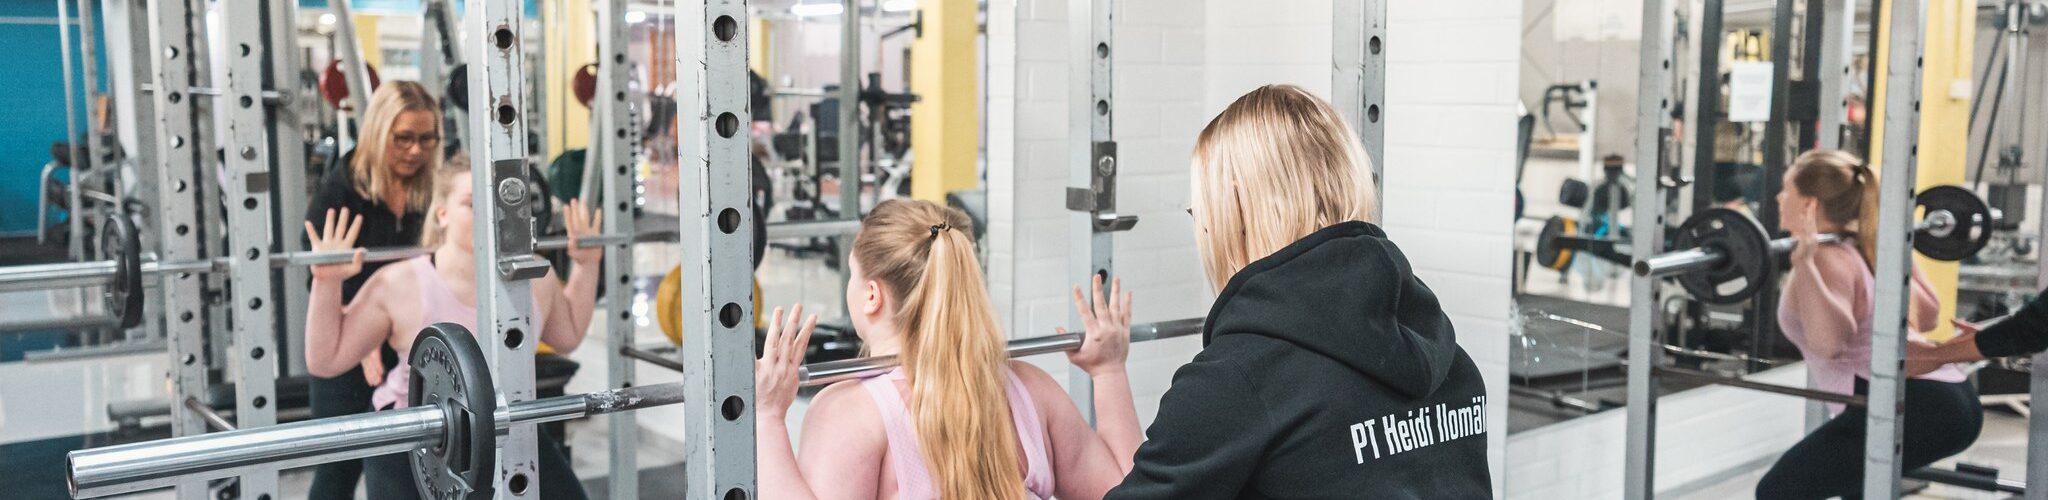 hh-liikuntapalvelut-personal-trainer-heidi-ilomaki-sastamala-kuntosali